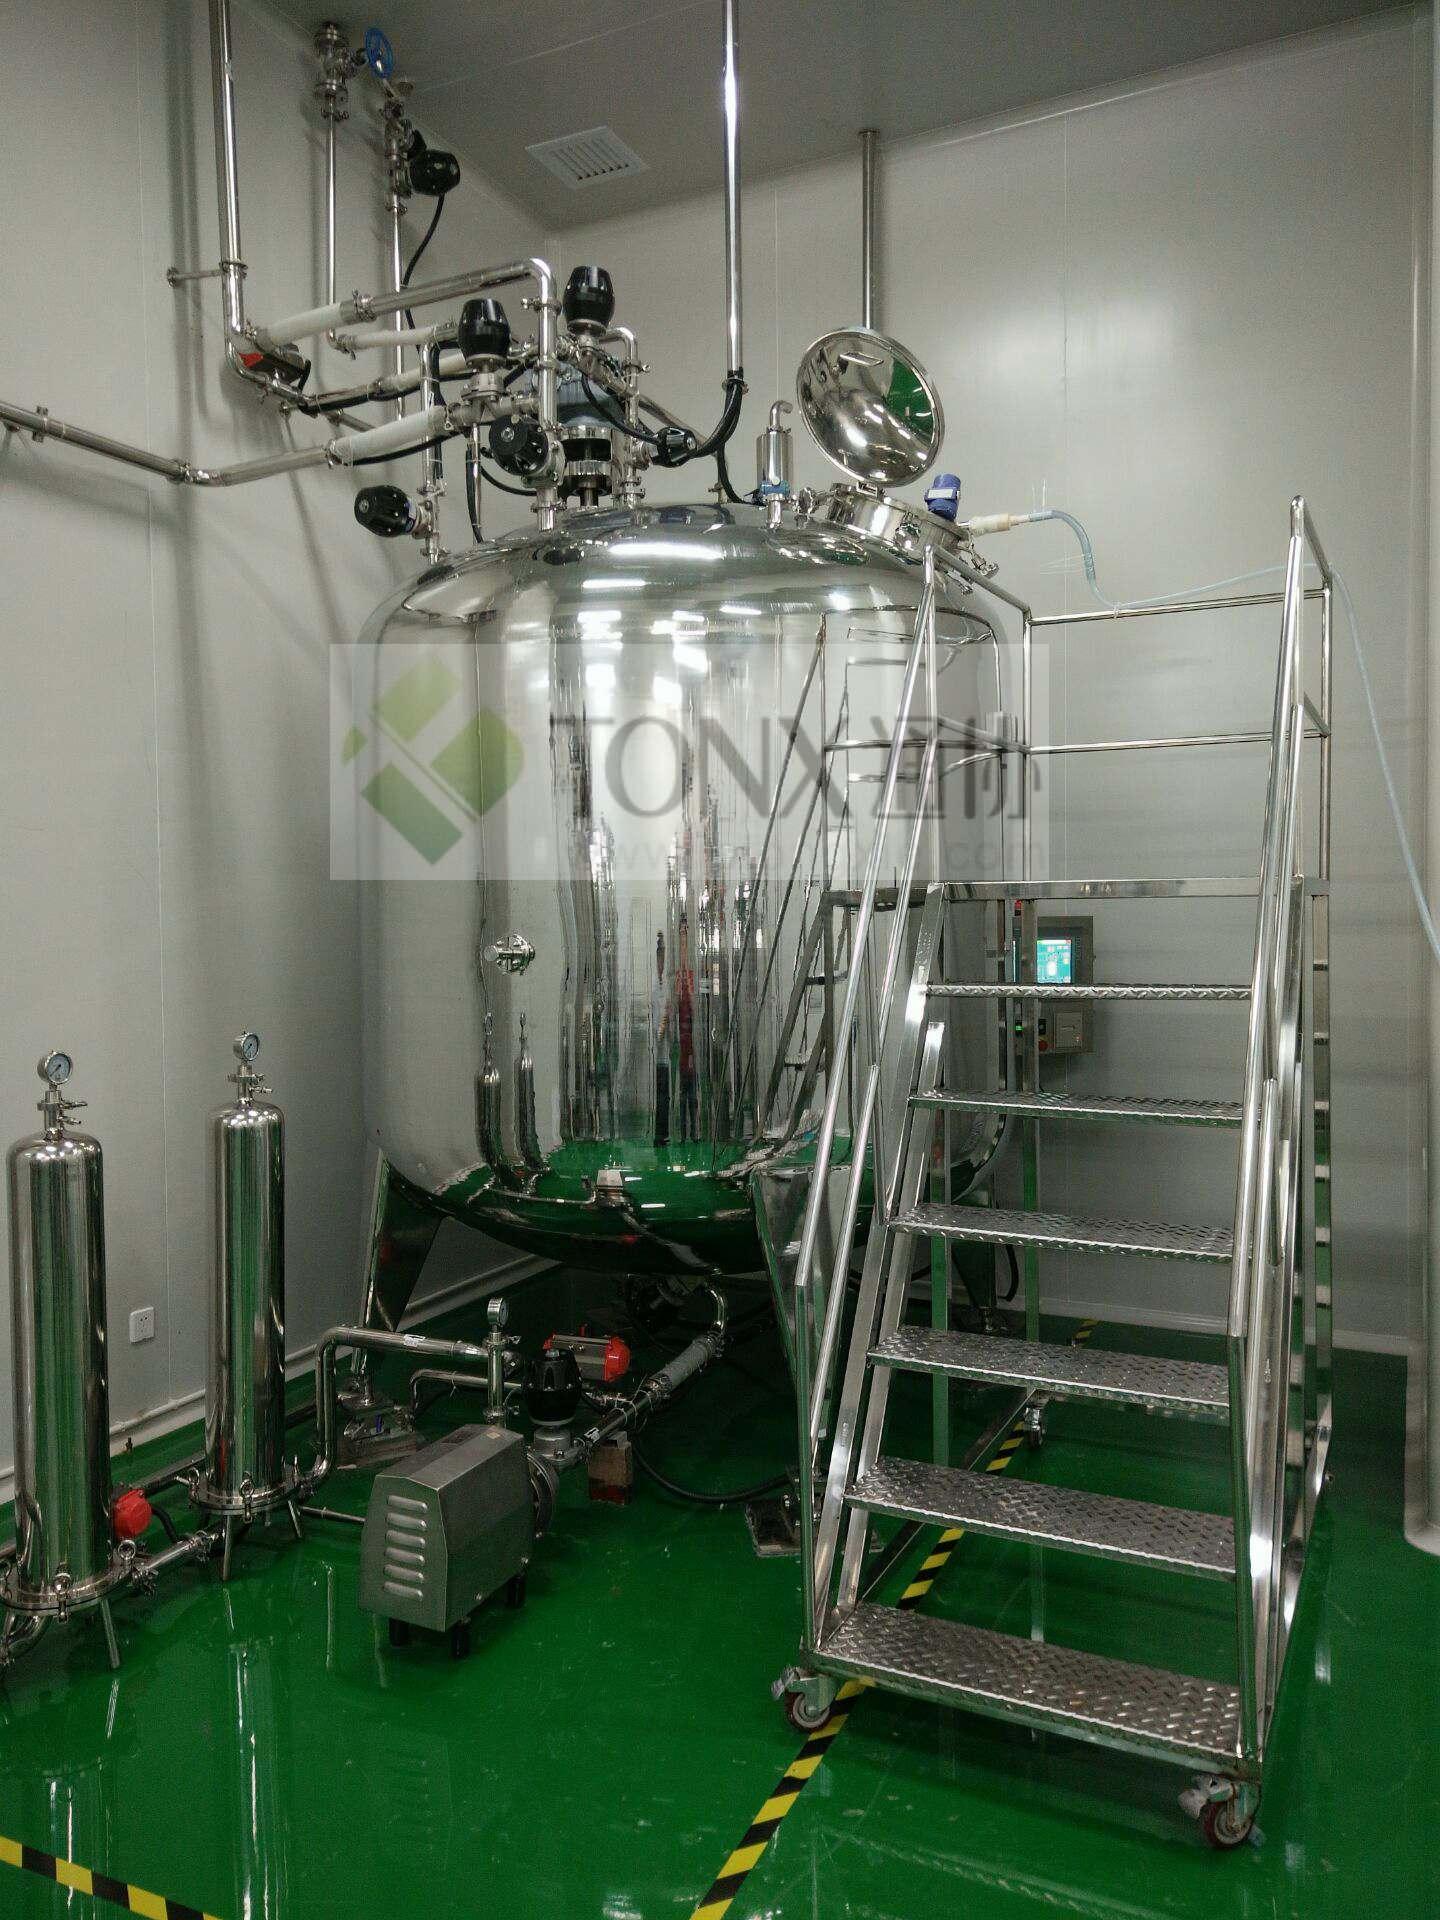 Auto in Vitro Diagnostic Reagents Preparation System